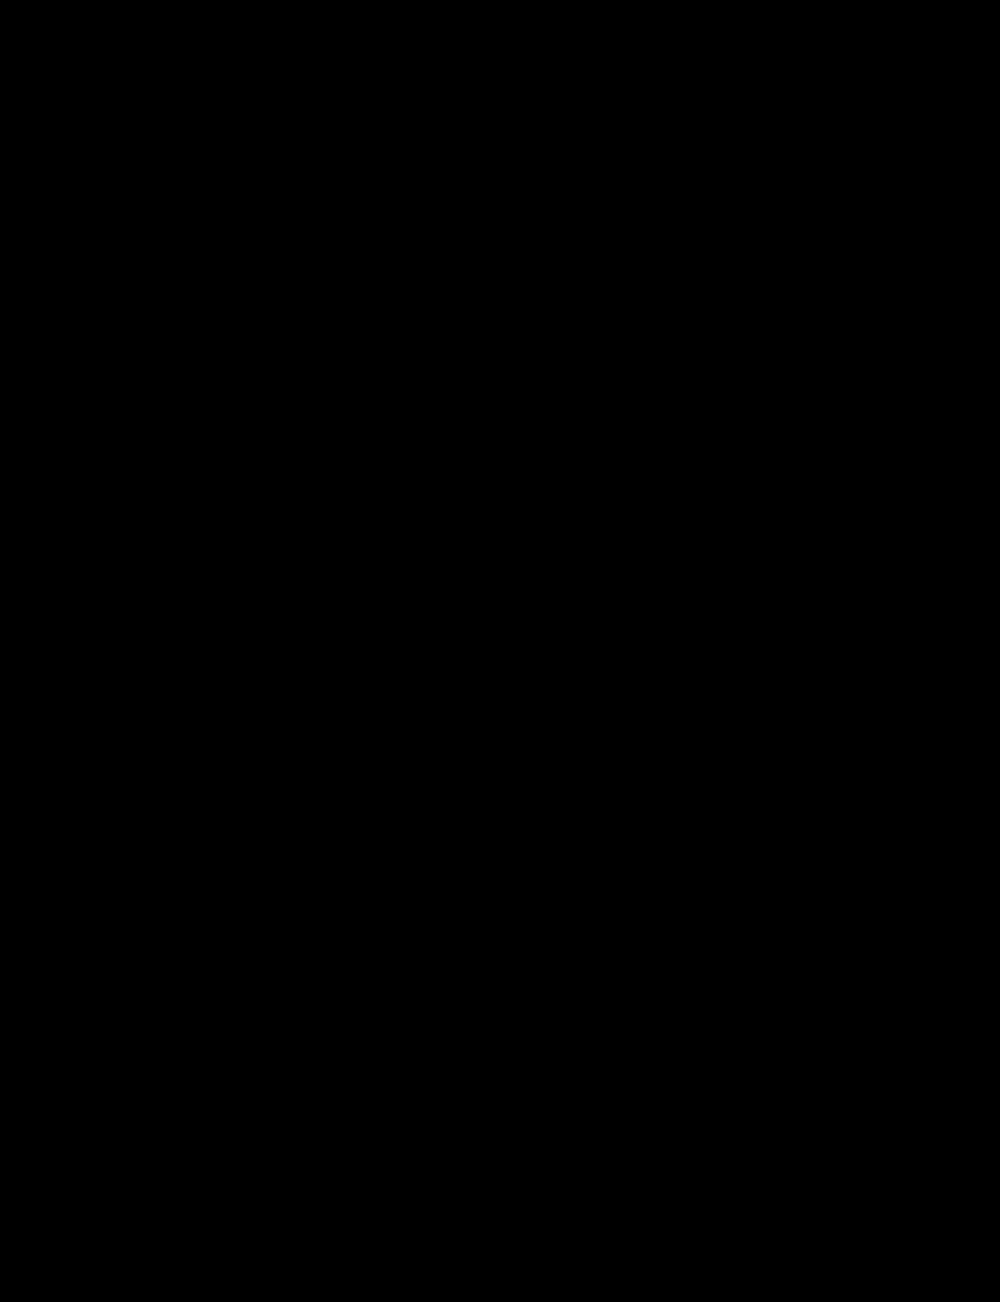 eclaircir cheveux chatain color - Eclaircir Cheveux Noir Color